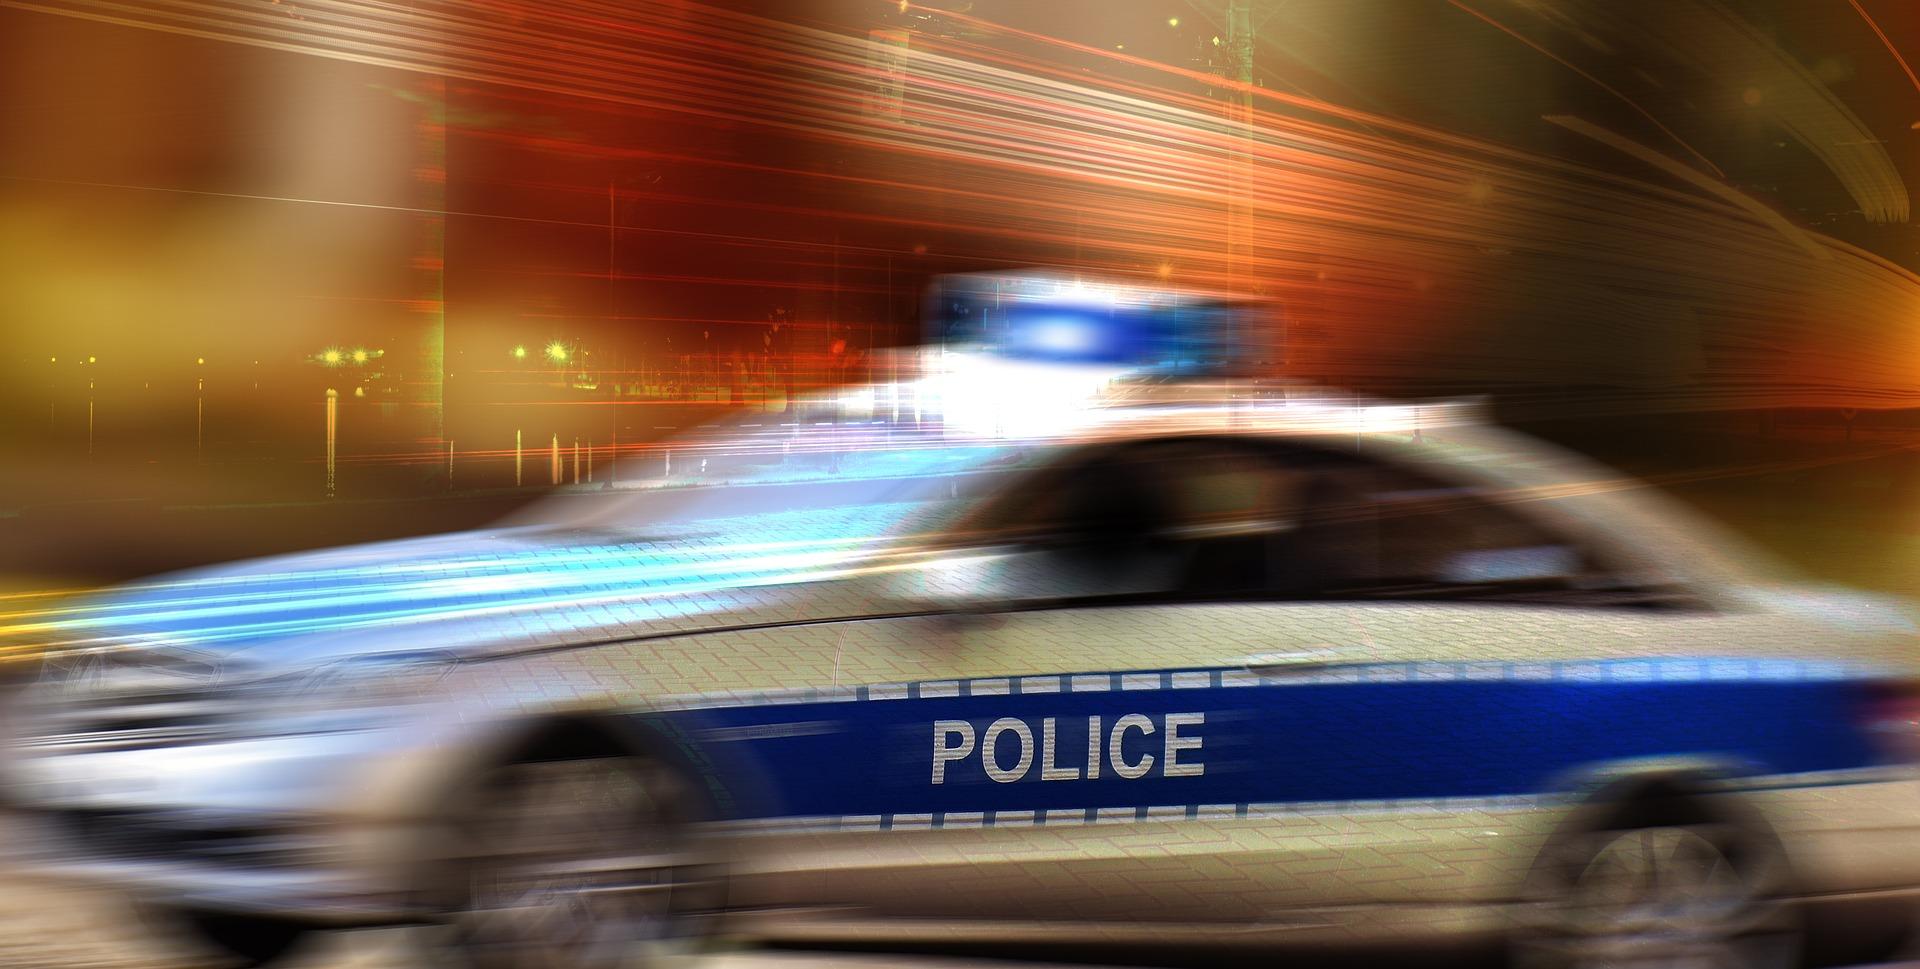 police-2829495_1920